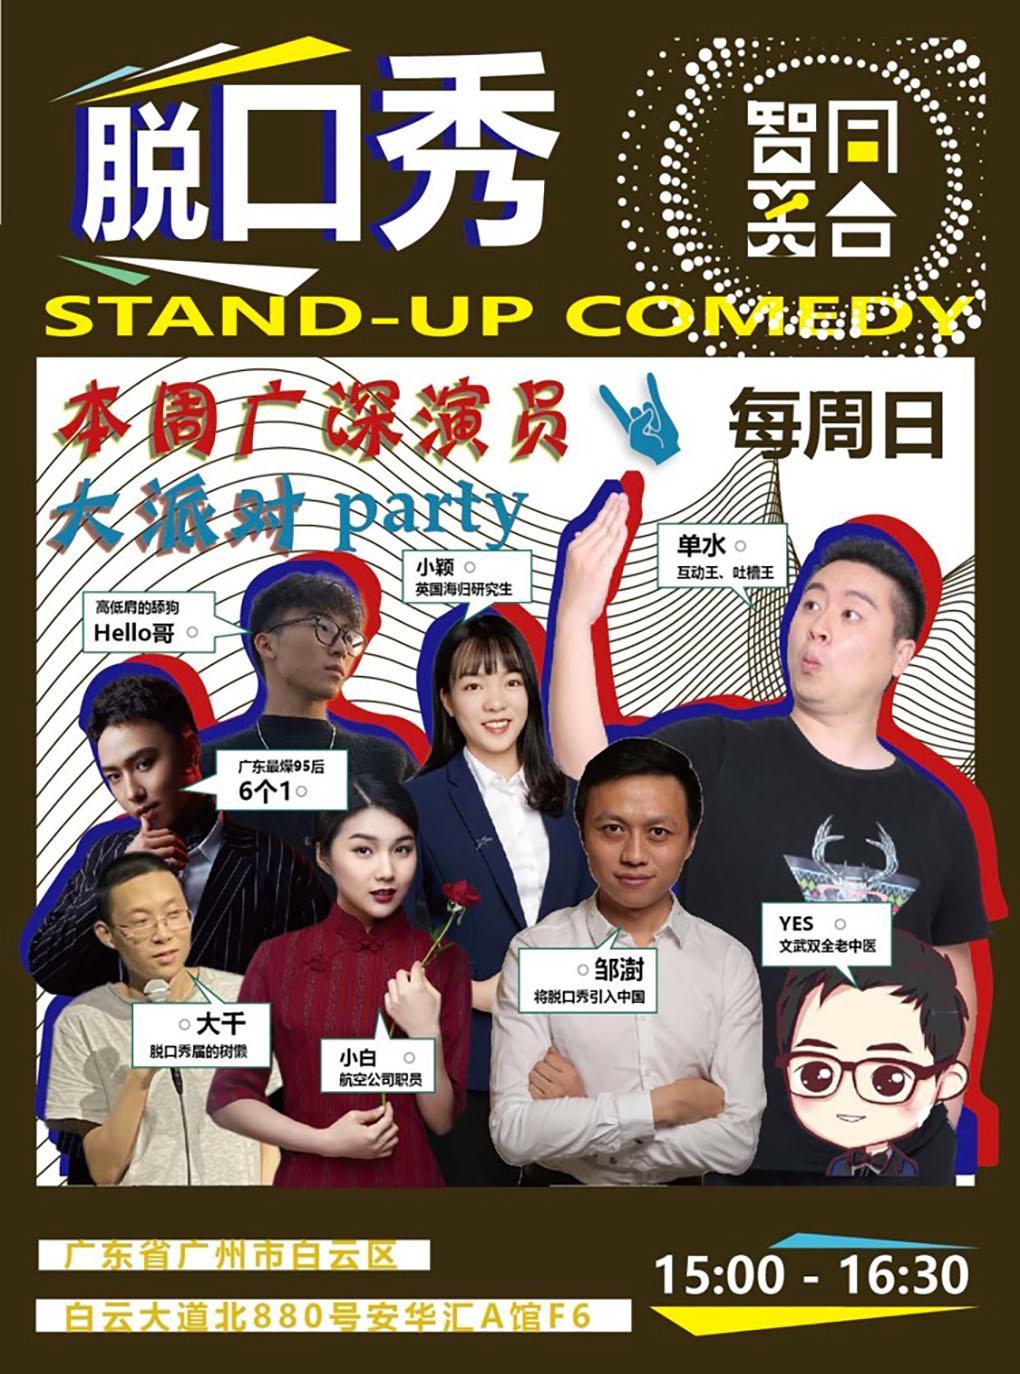 周日脱口秀小剧场智同笑合&笑咖-广州白云